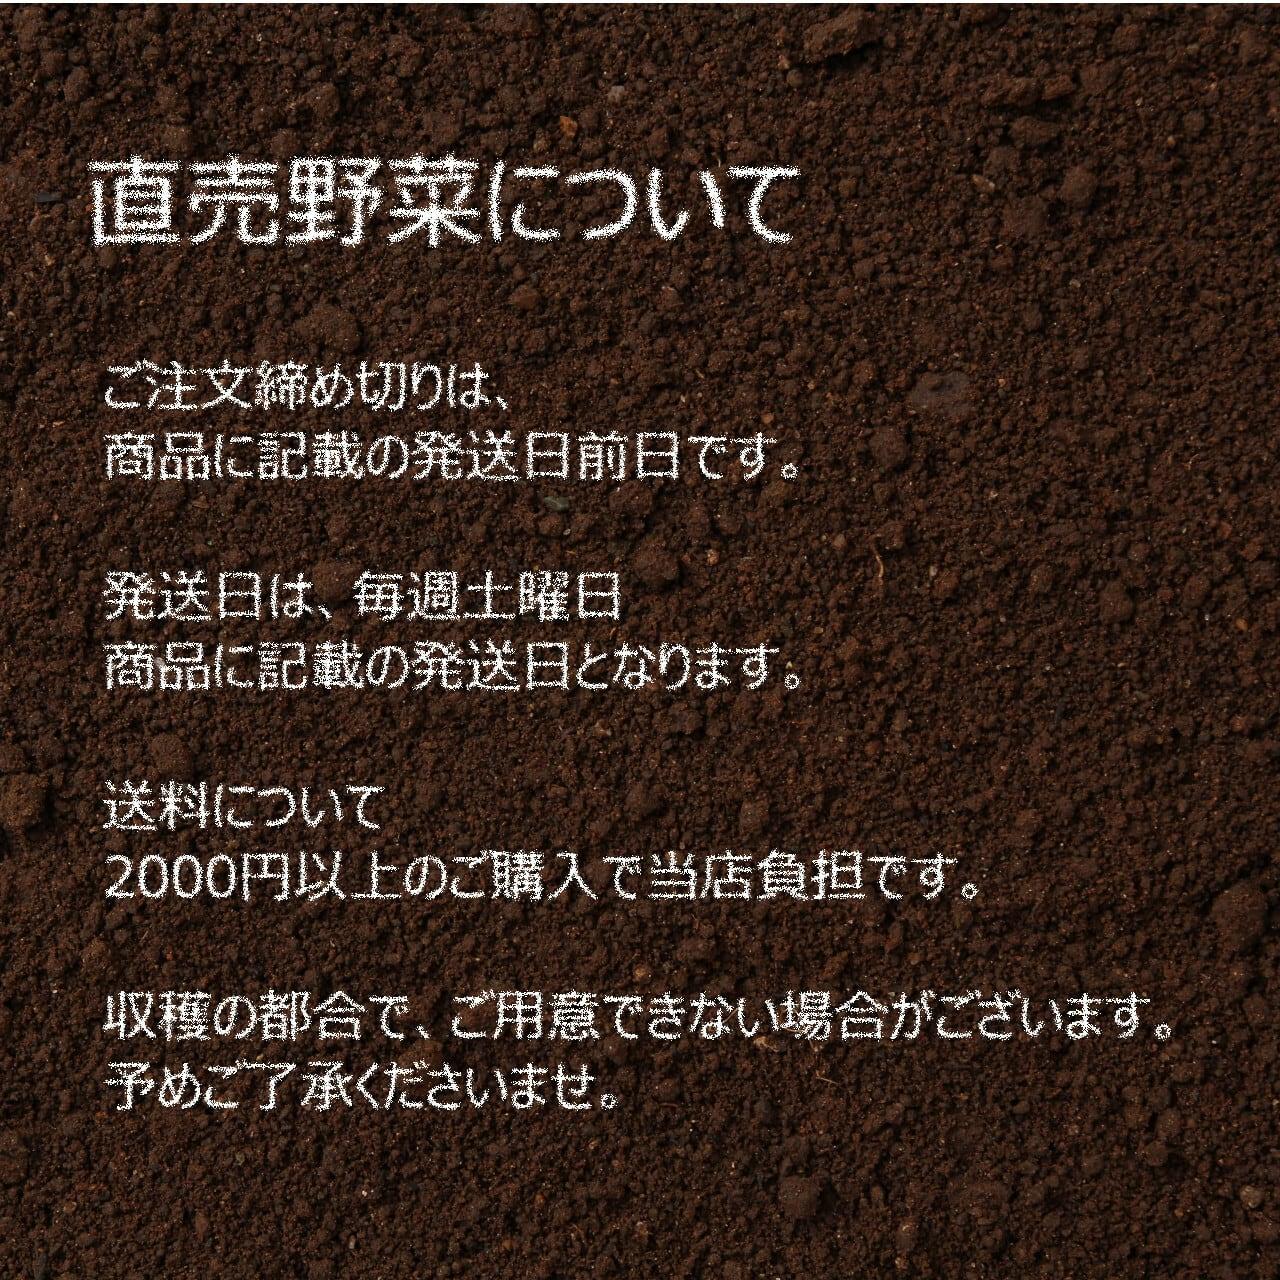 6月の朝採り直売野菜 : トマト 約 2~3個 春の新鮮野菜 6月13日発送予定